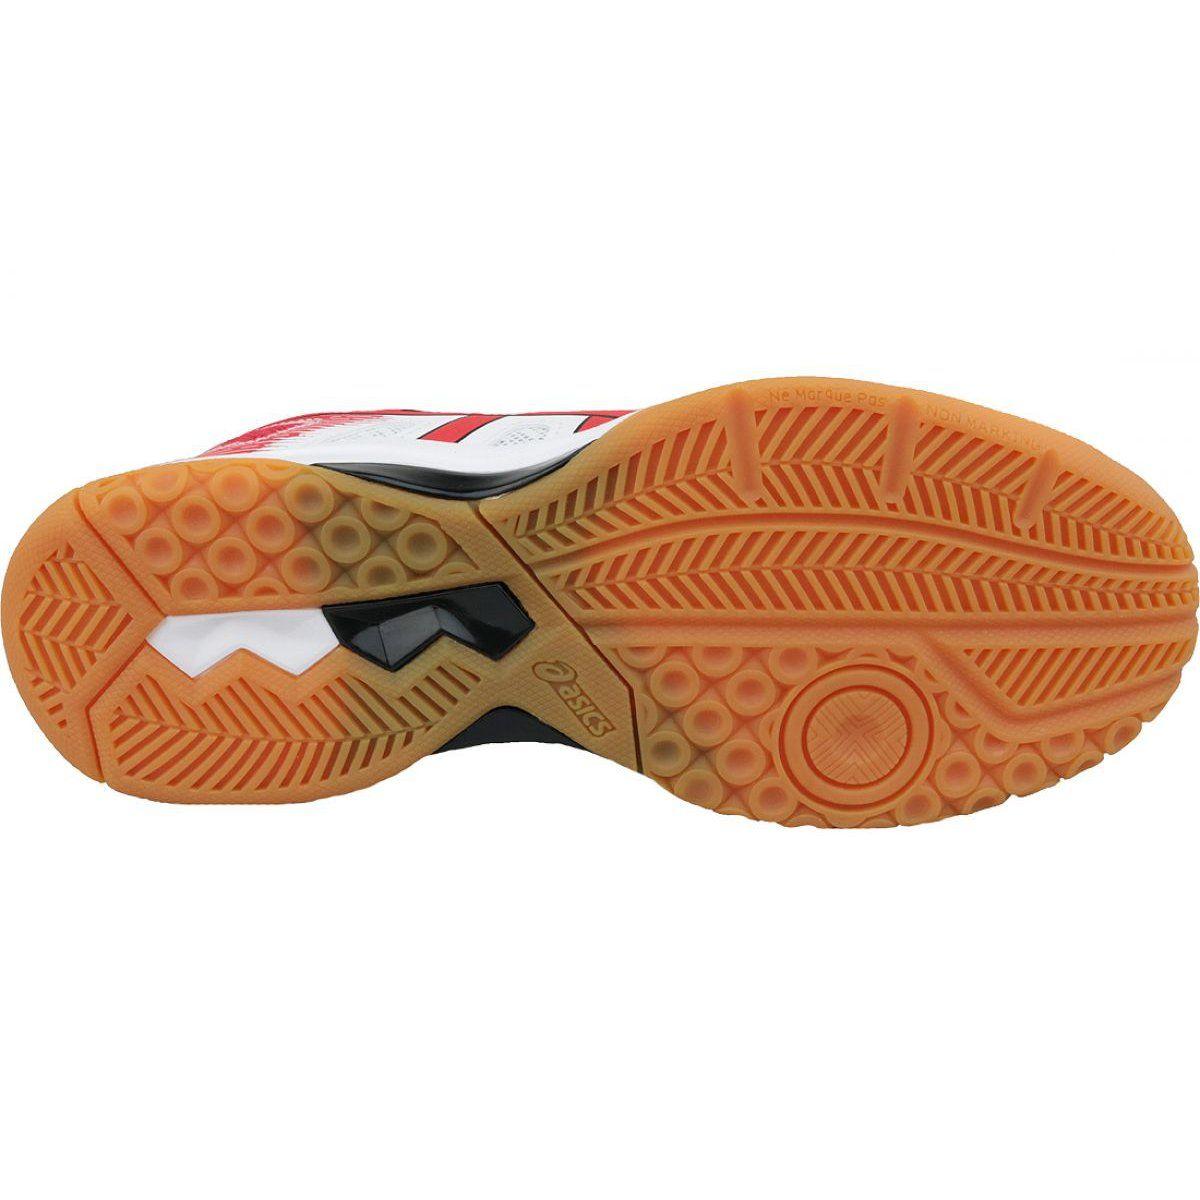 Volleyball Sport Asics Asics Gel Rocket 9 M 1071a030 101 Volleyball Shoes White White Volleyball Shoes Asics Gel Asics